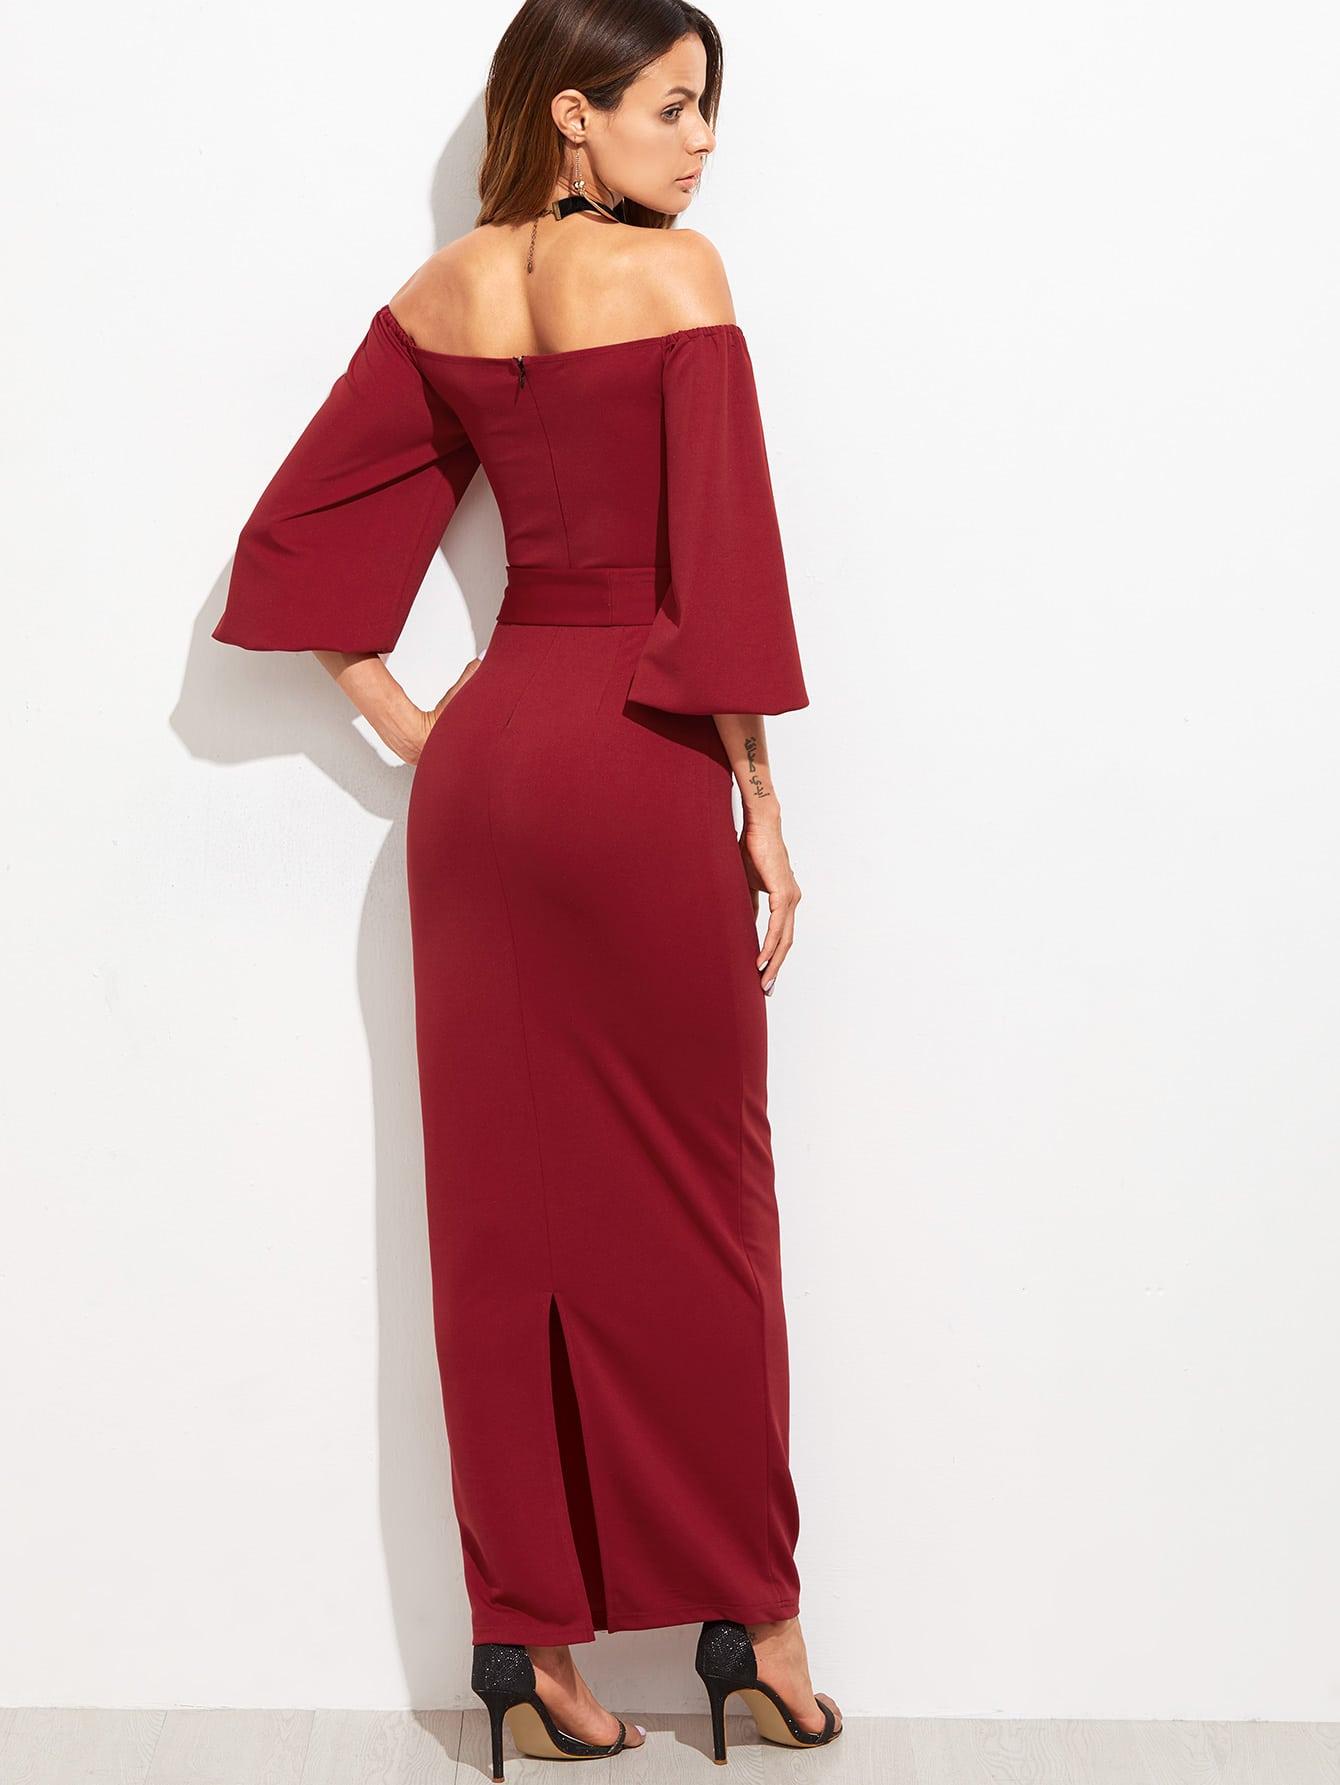 dress161012715_2